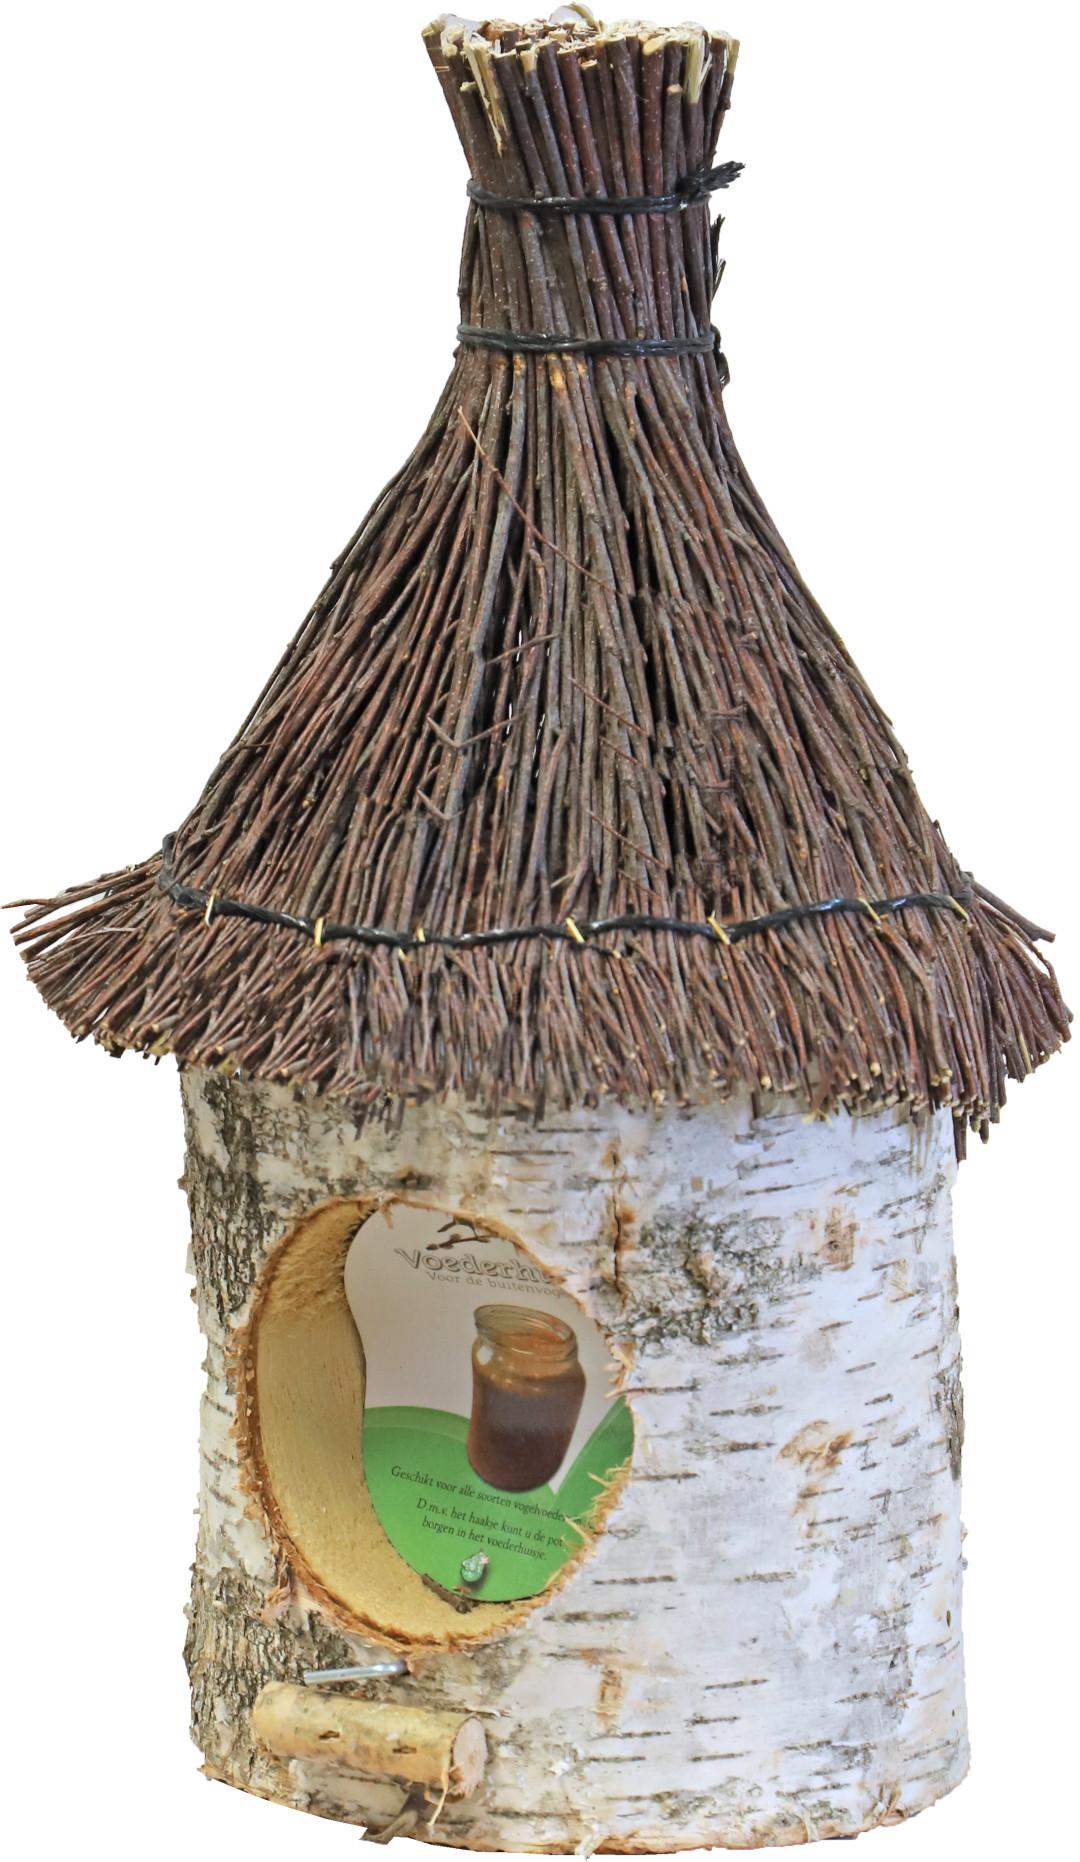 Pindakaaspothouder berken met steen dak